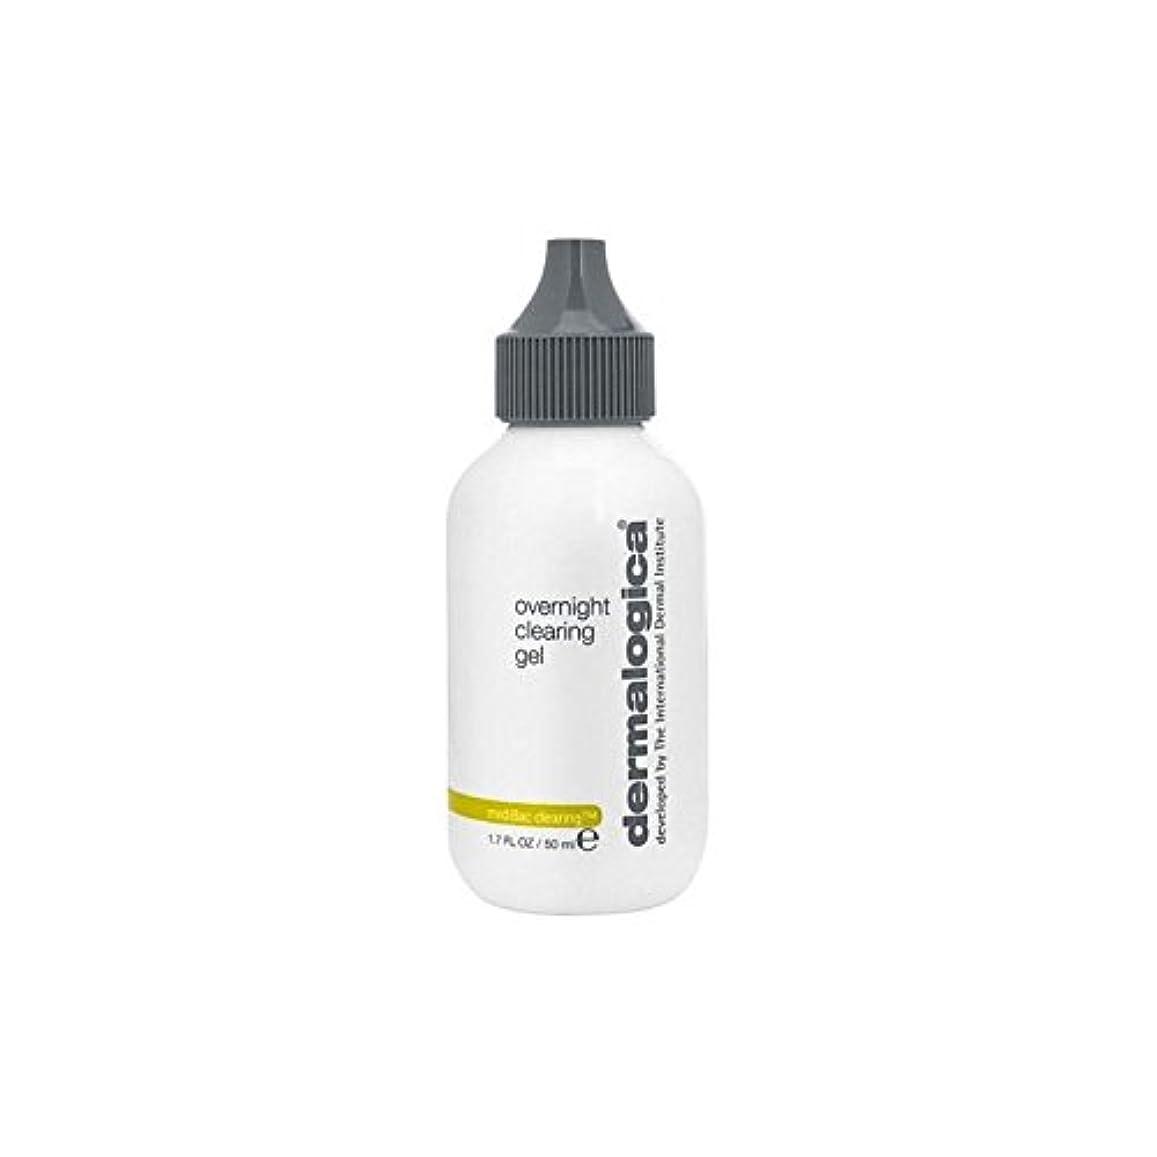 センター聴覚廃止Dermalogica Medibac Overnight Clearing Gel (50ml) - ダーマロジカ一晩透明ゲル(50)中 [並行輸入品]